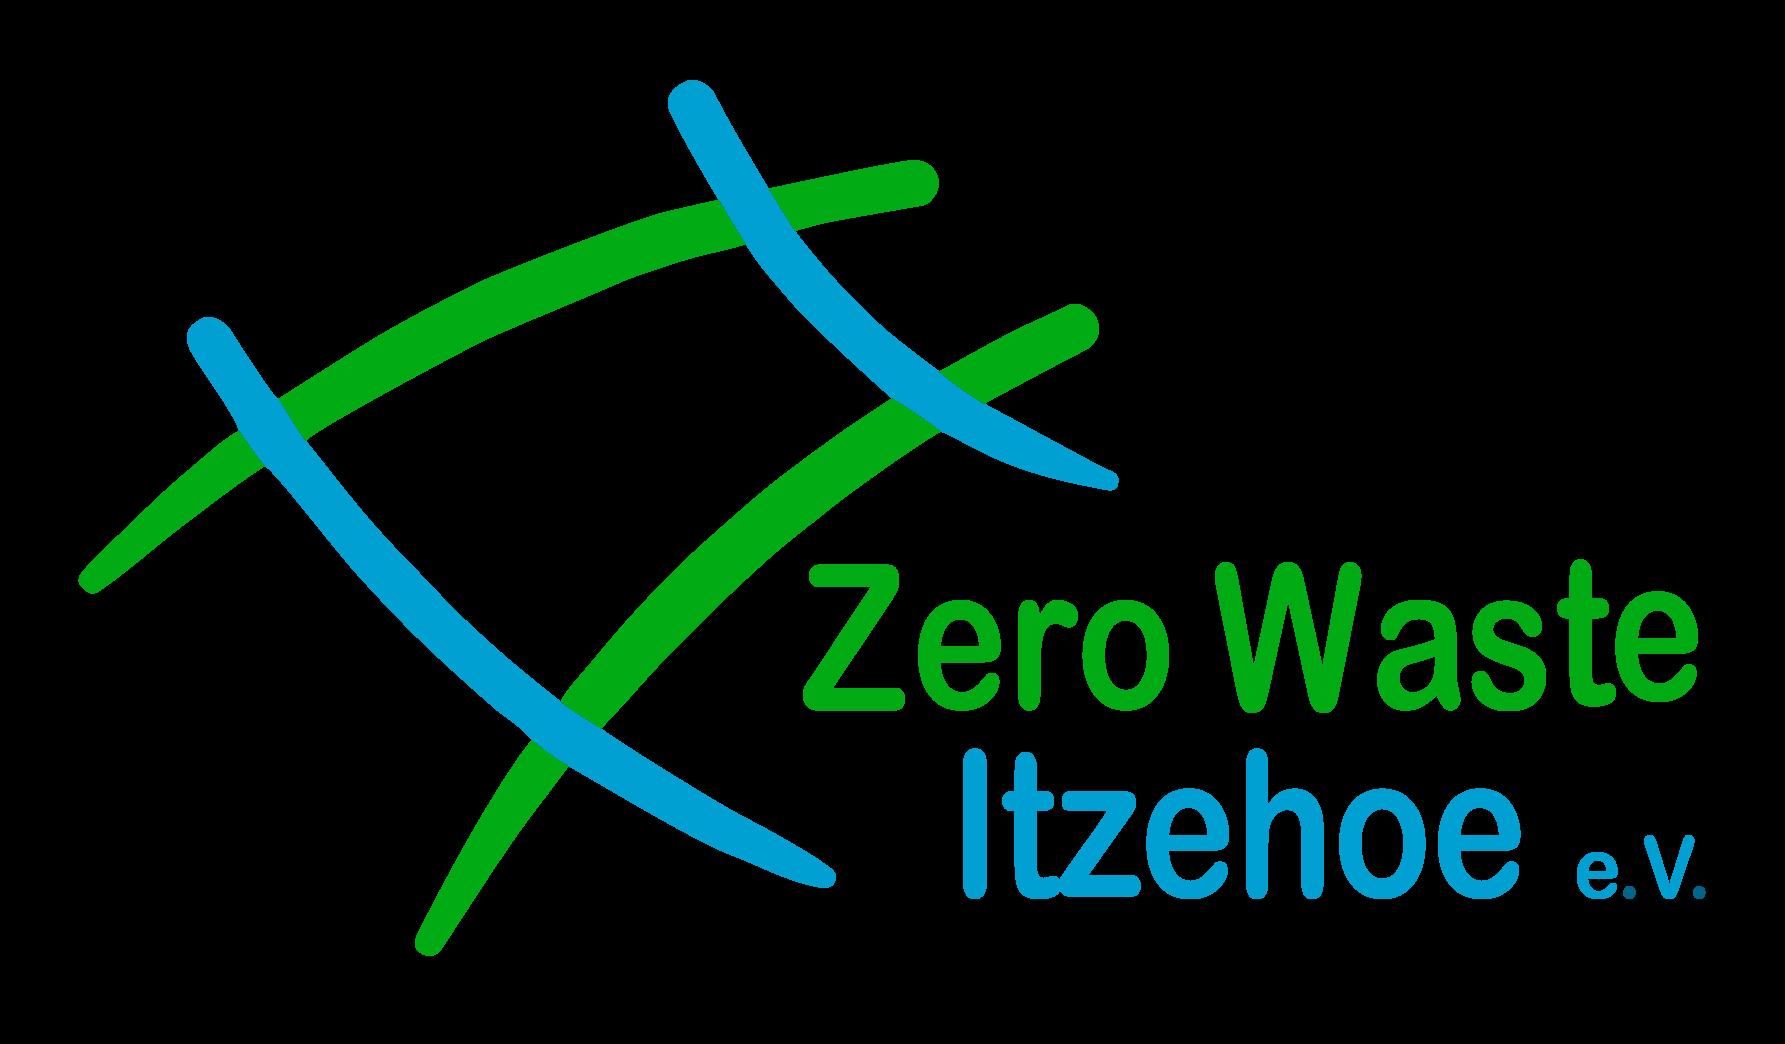 Logo Zero Waste Itzehoe e.V.